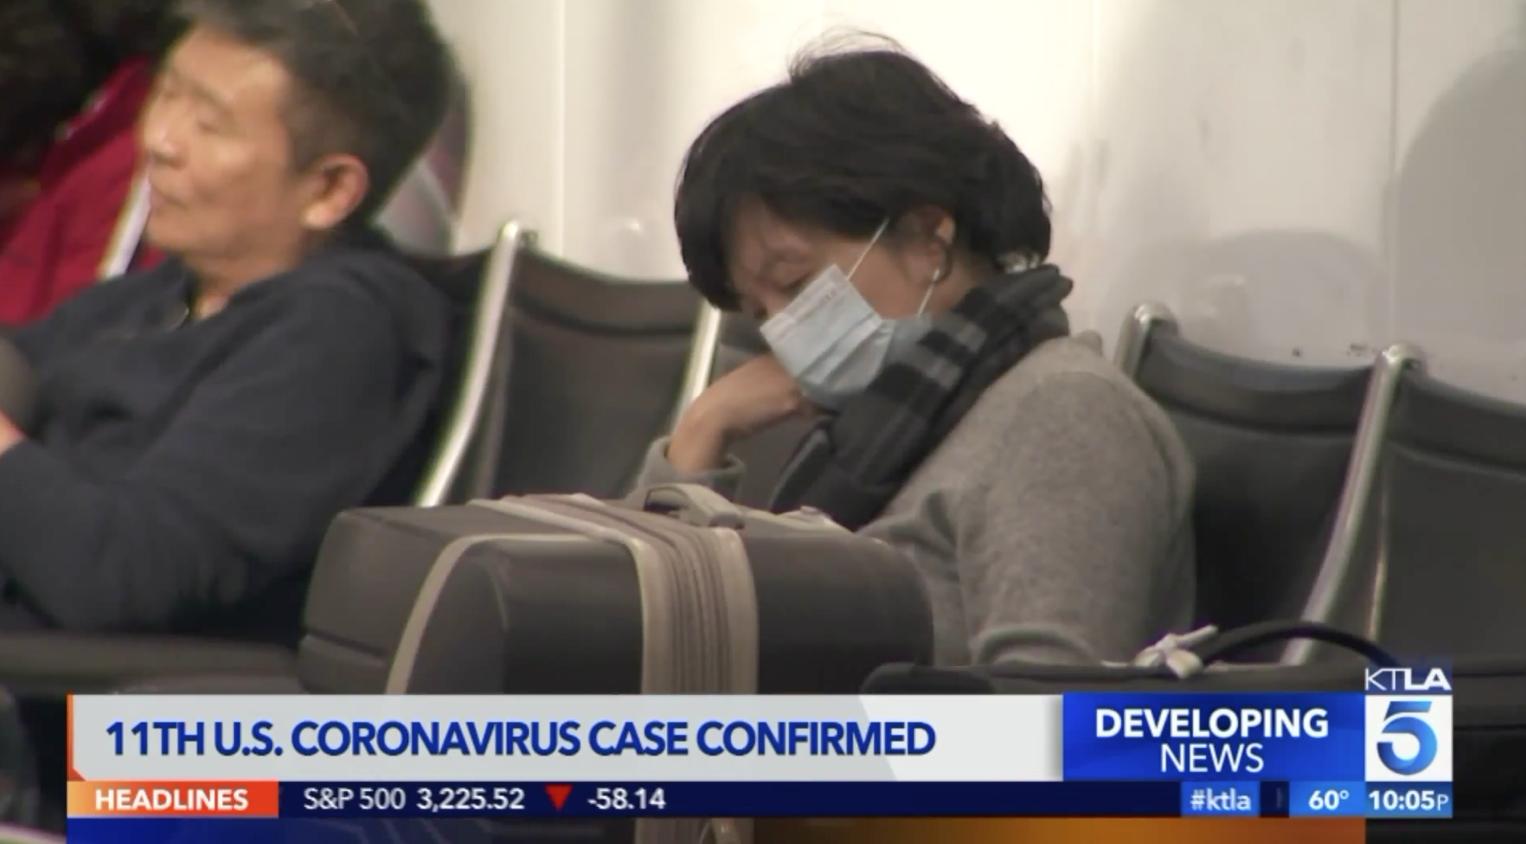 Một cặp vợ chồng ở miền Trung California xác định dương tính với coronavirus